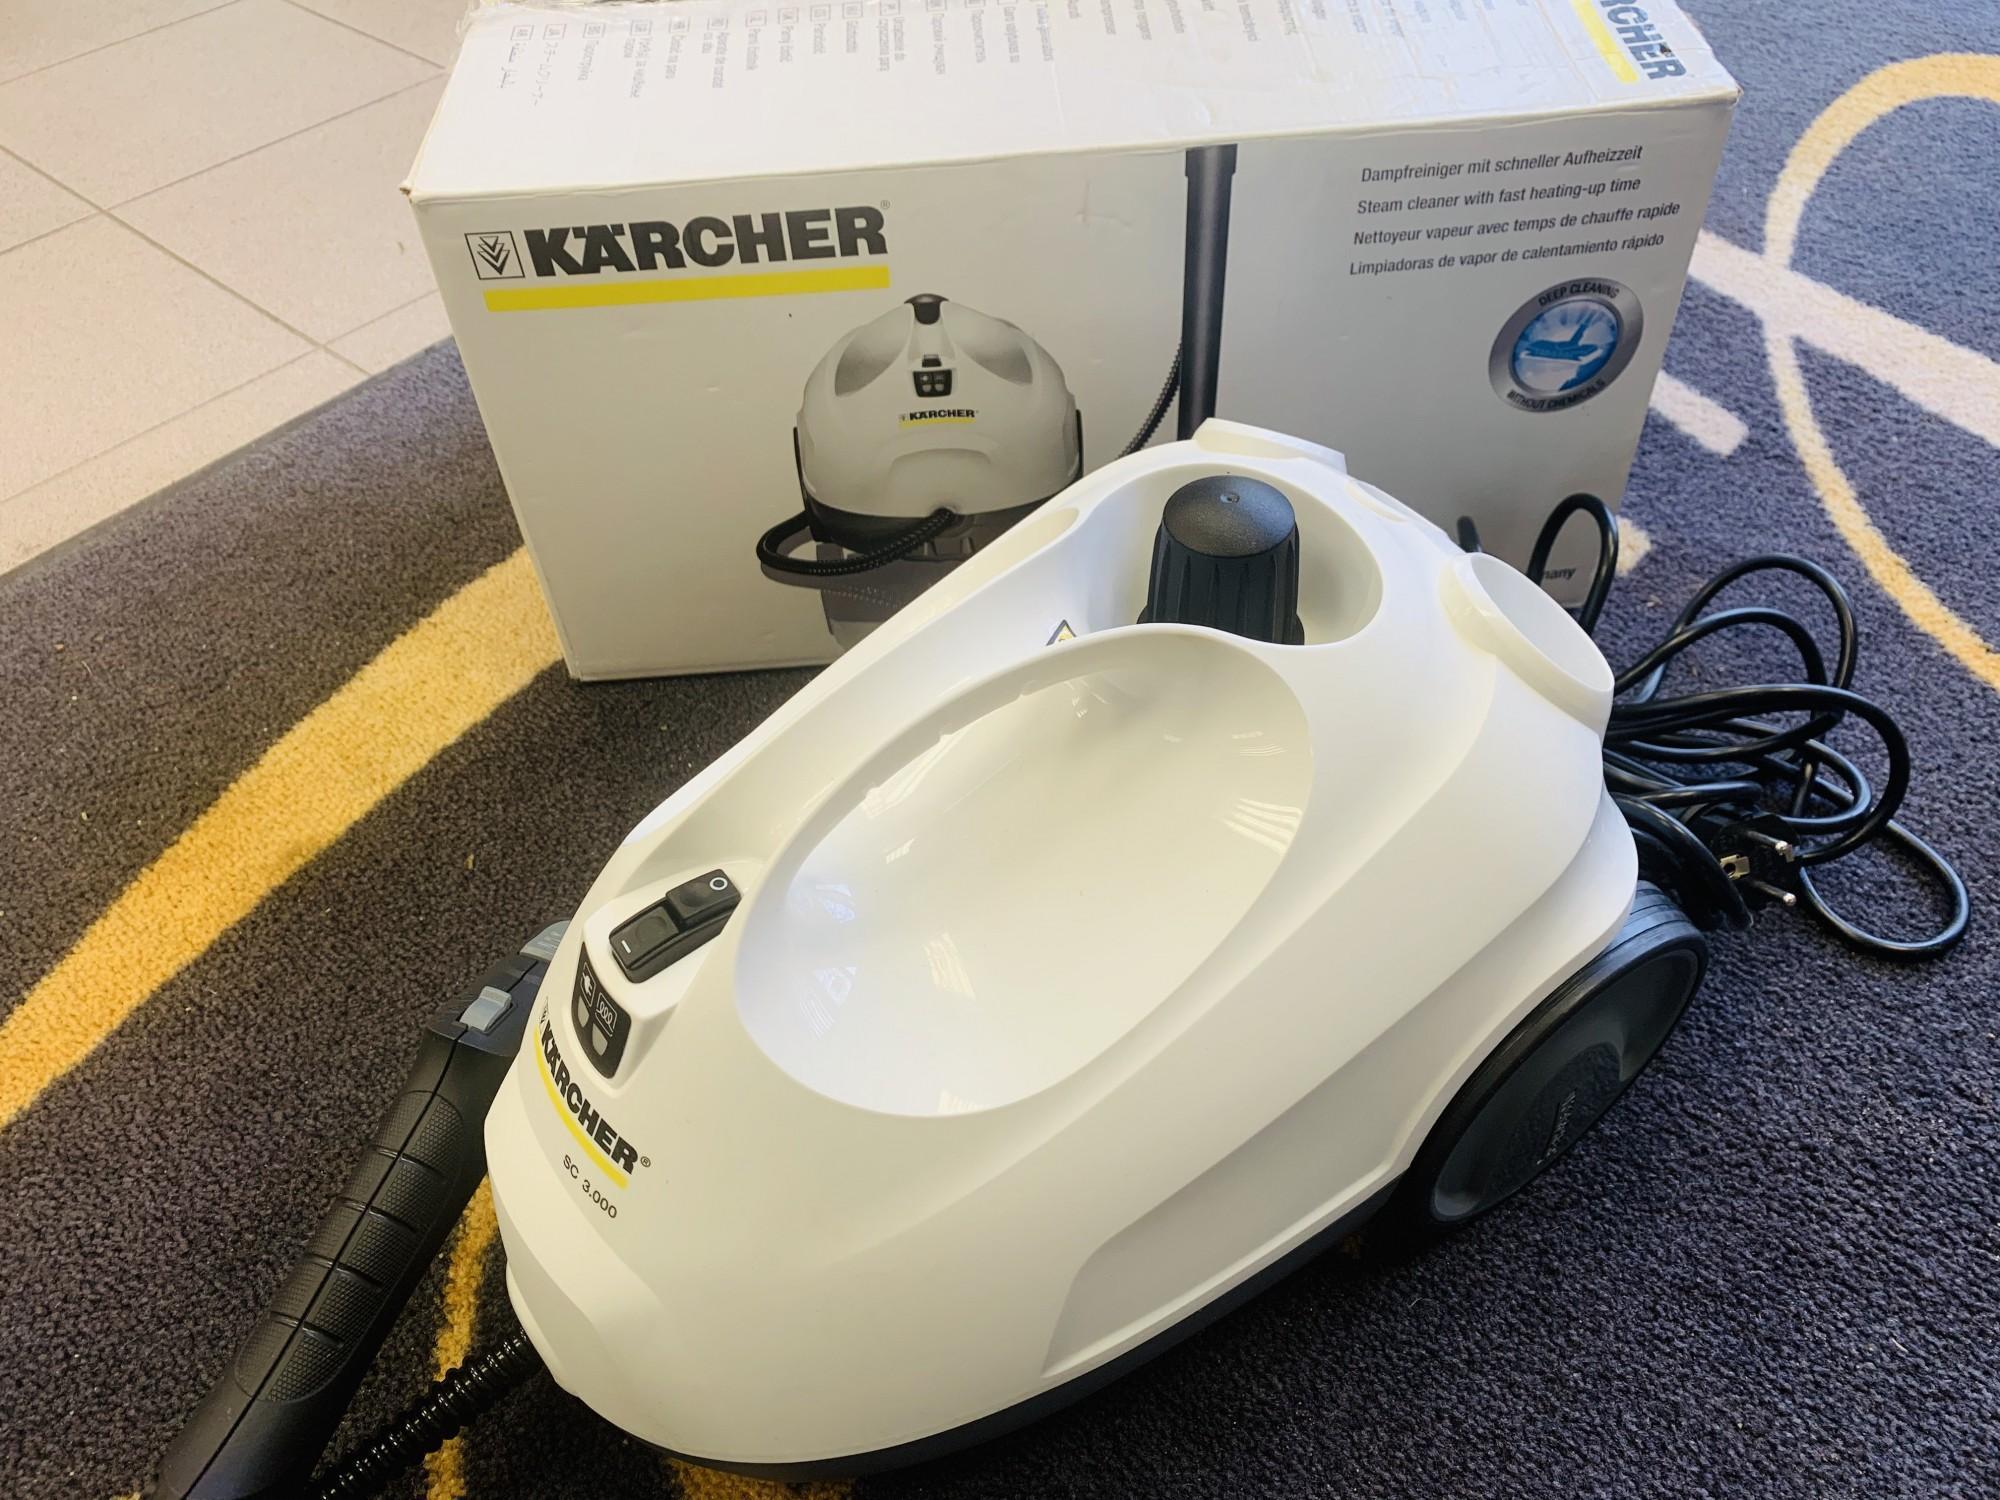 2454d23468f Aurupesur Kärcher SC 3 EasyFix - Luutar